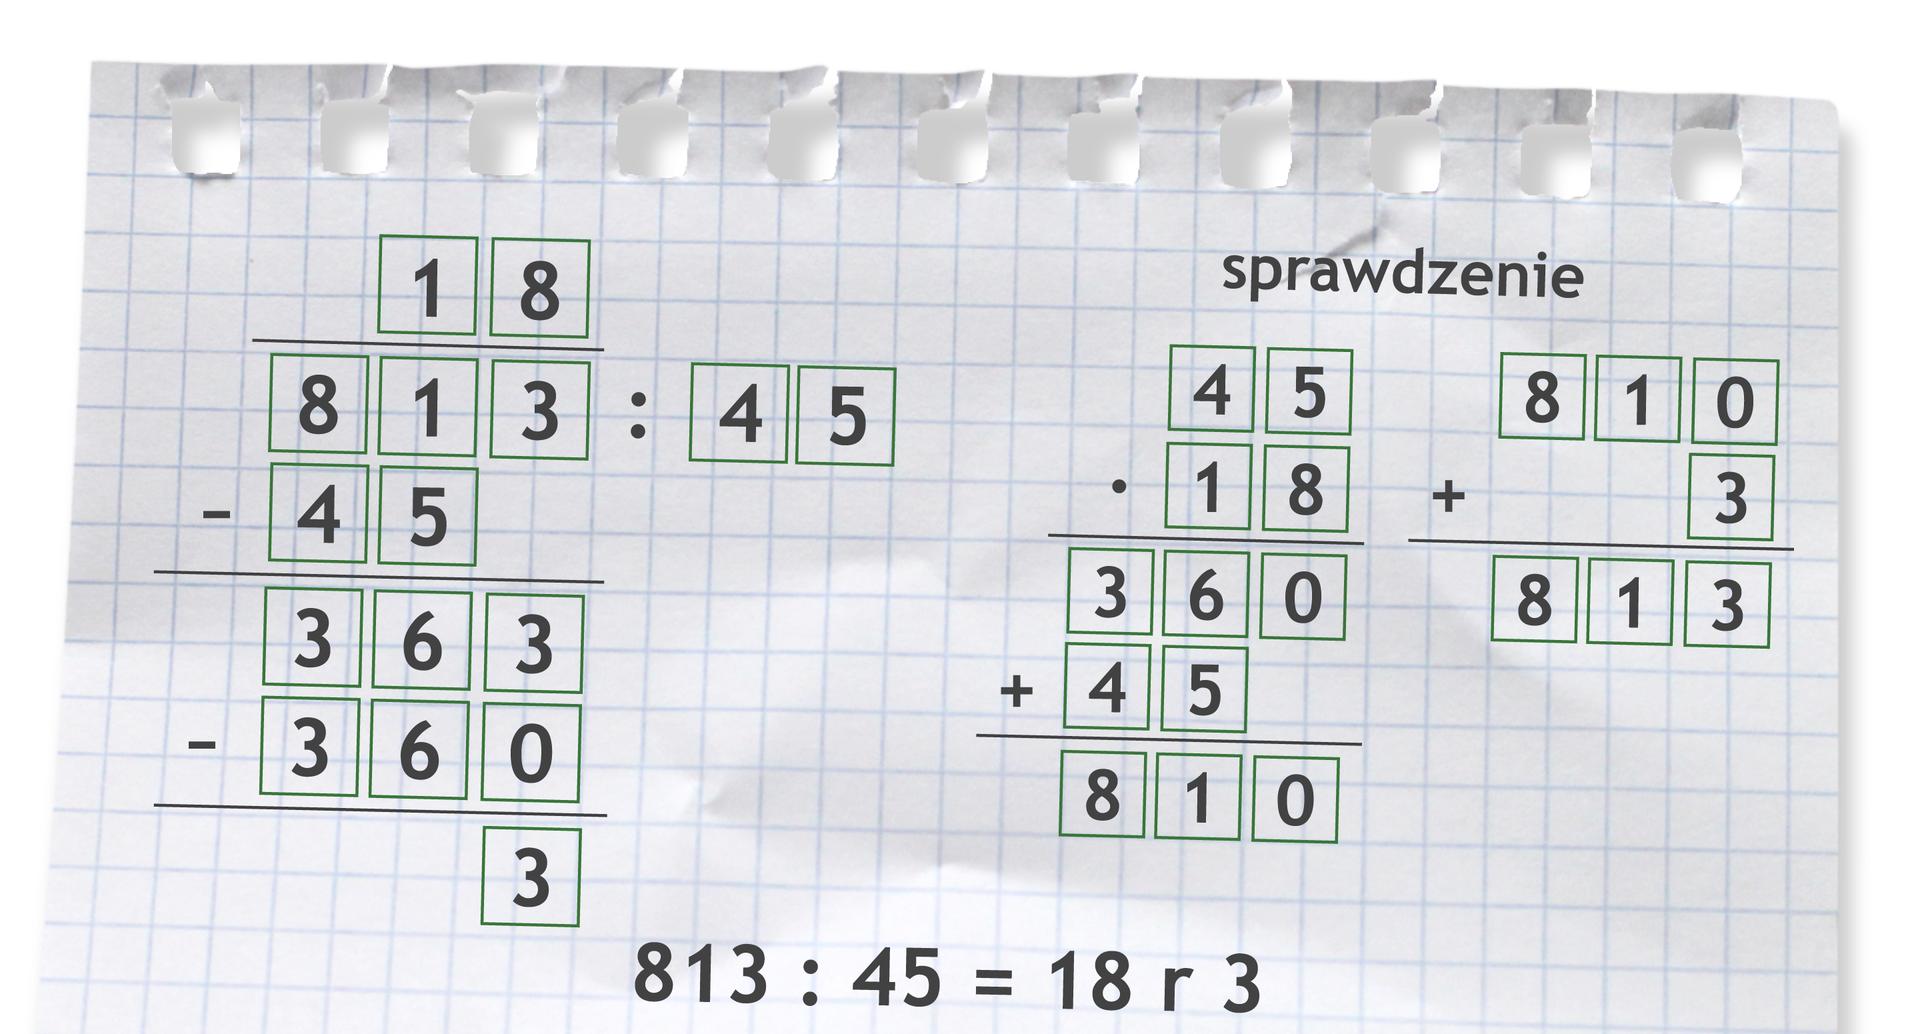 """""""Przykład dzielenia pisemnego. 813 dzielone przez 45 =18 r3. Sprawdzenie: 45 razy 18 =810"""